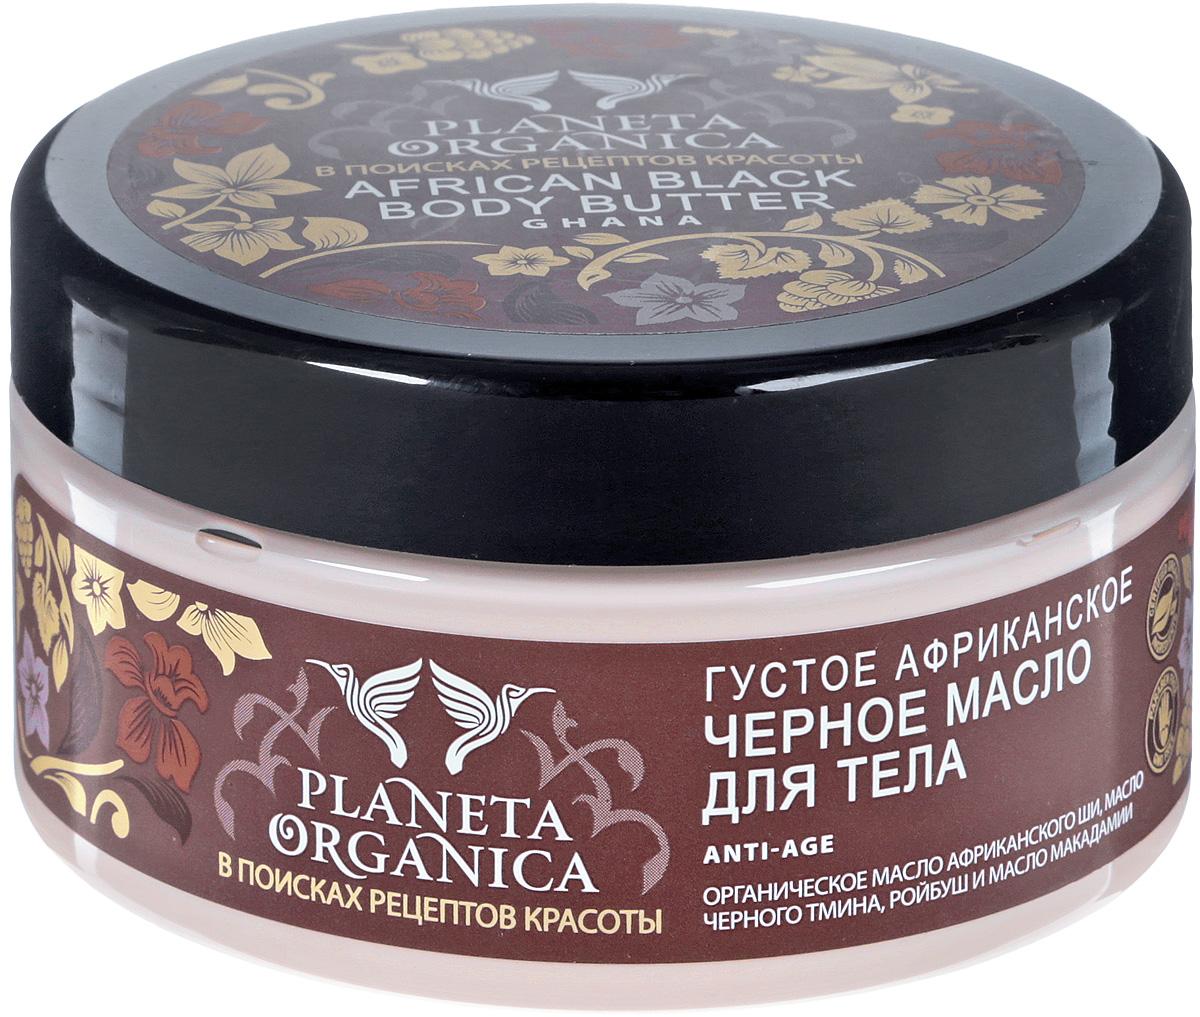 Planeta Organica Масло для тела Anti-age, густое, африканское, черное, 300 мл071-1-0267Густое африканское черное масло для тела Planeta Organica Anti-age, содержащее целый комплекс активных ингредиентов, витаминов, минералов и антиоксидантов, помогает обратить процесс старения.Неомыляемые жиры, входящие в состав масла ши, влияют на синтез коллагена, а также являются природной защитой от УФ излучения.Масло черного тмина содержит ненасыщенные олеиновую (омега-9) и линолевую кислоты (омега-6), отвечающие за восстановление барьерных функций эпидермиса.Ройбуш содержит большое количество антиоксидантов, которые препятствуют негативному воздействию свободных радикалов на клетки организма.Масла макадамии и манго отлично смягчают и разглаживают кожу, делая ее здоровой и красивой.Подходит для всех типов кожи.Объем: 300 мл.Товар сертифицирован.Уважаемые клиенты!Обращаем ваше внимание на возможные изменения в дизайне упаковки. Качественные характеристики товара остаются неизменными. Поставка осуществляется в зависимости от наличия на складе.